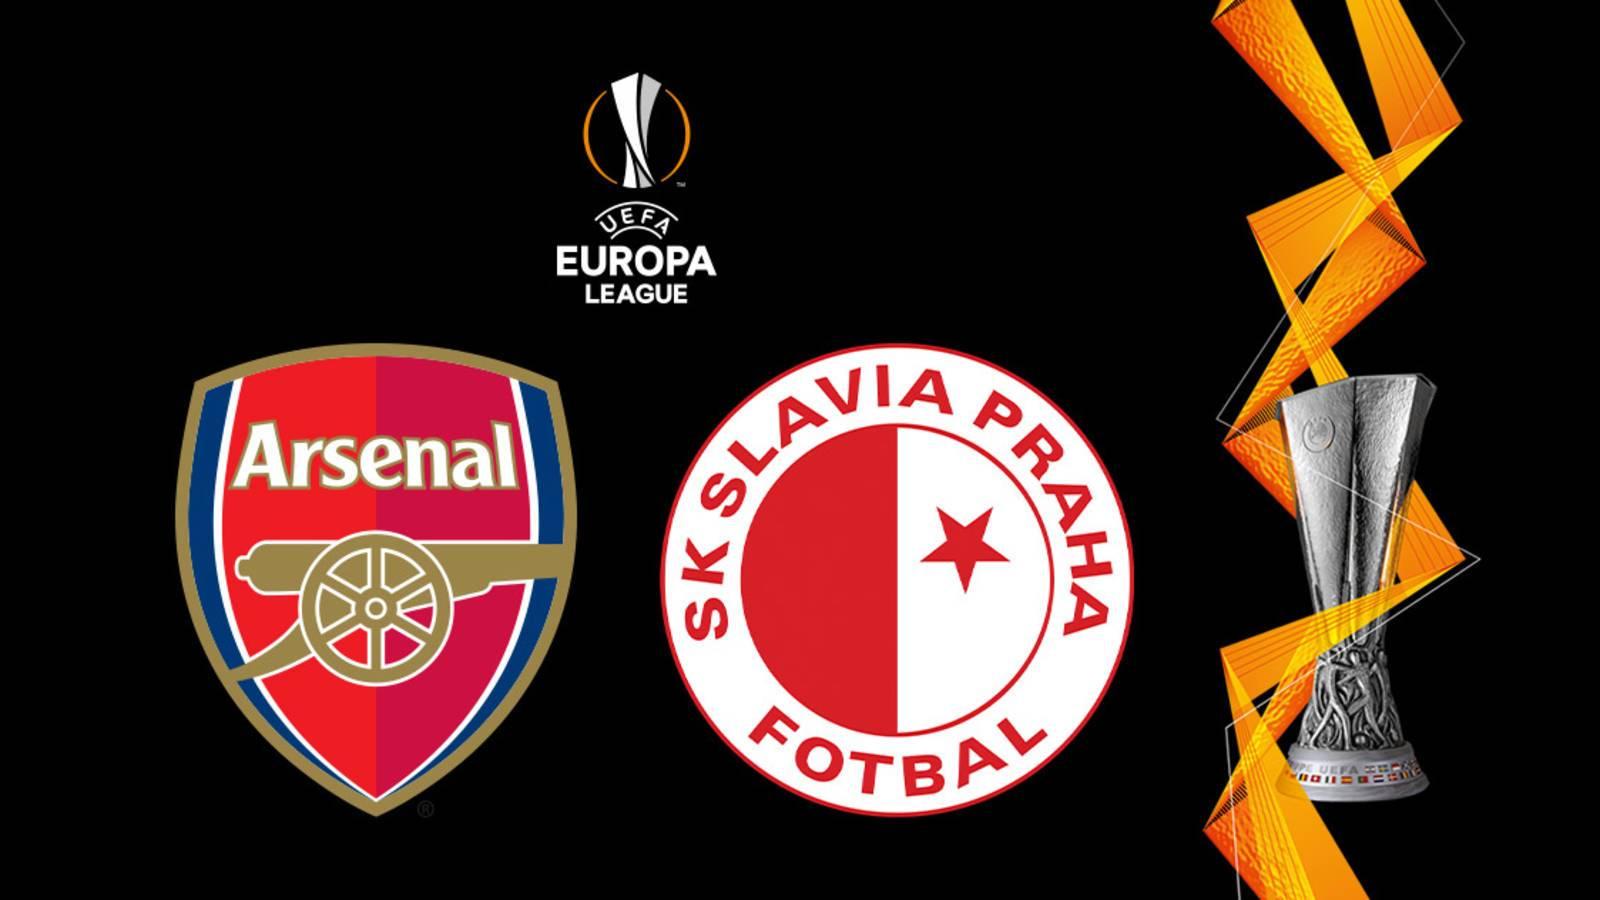 بث مباشر مباراة ارسنال وسلافيا براج